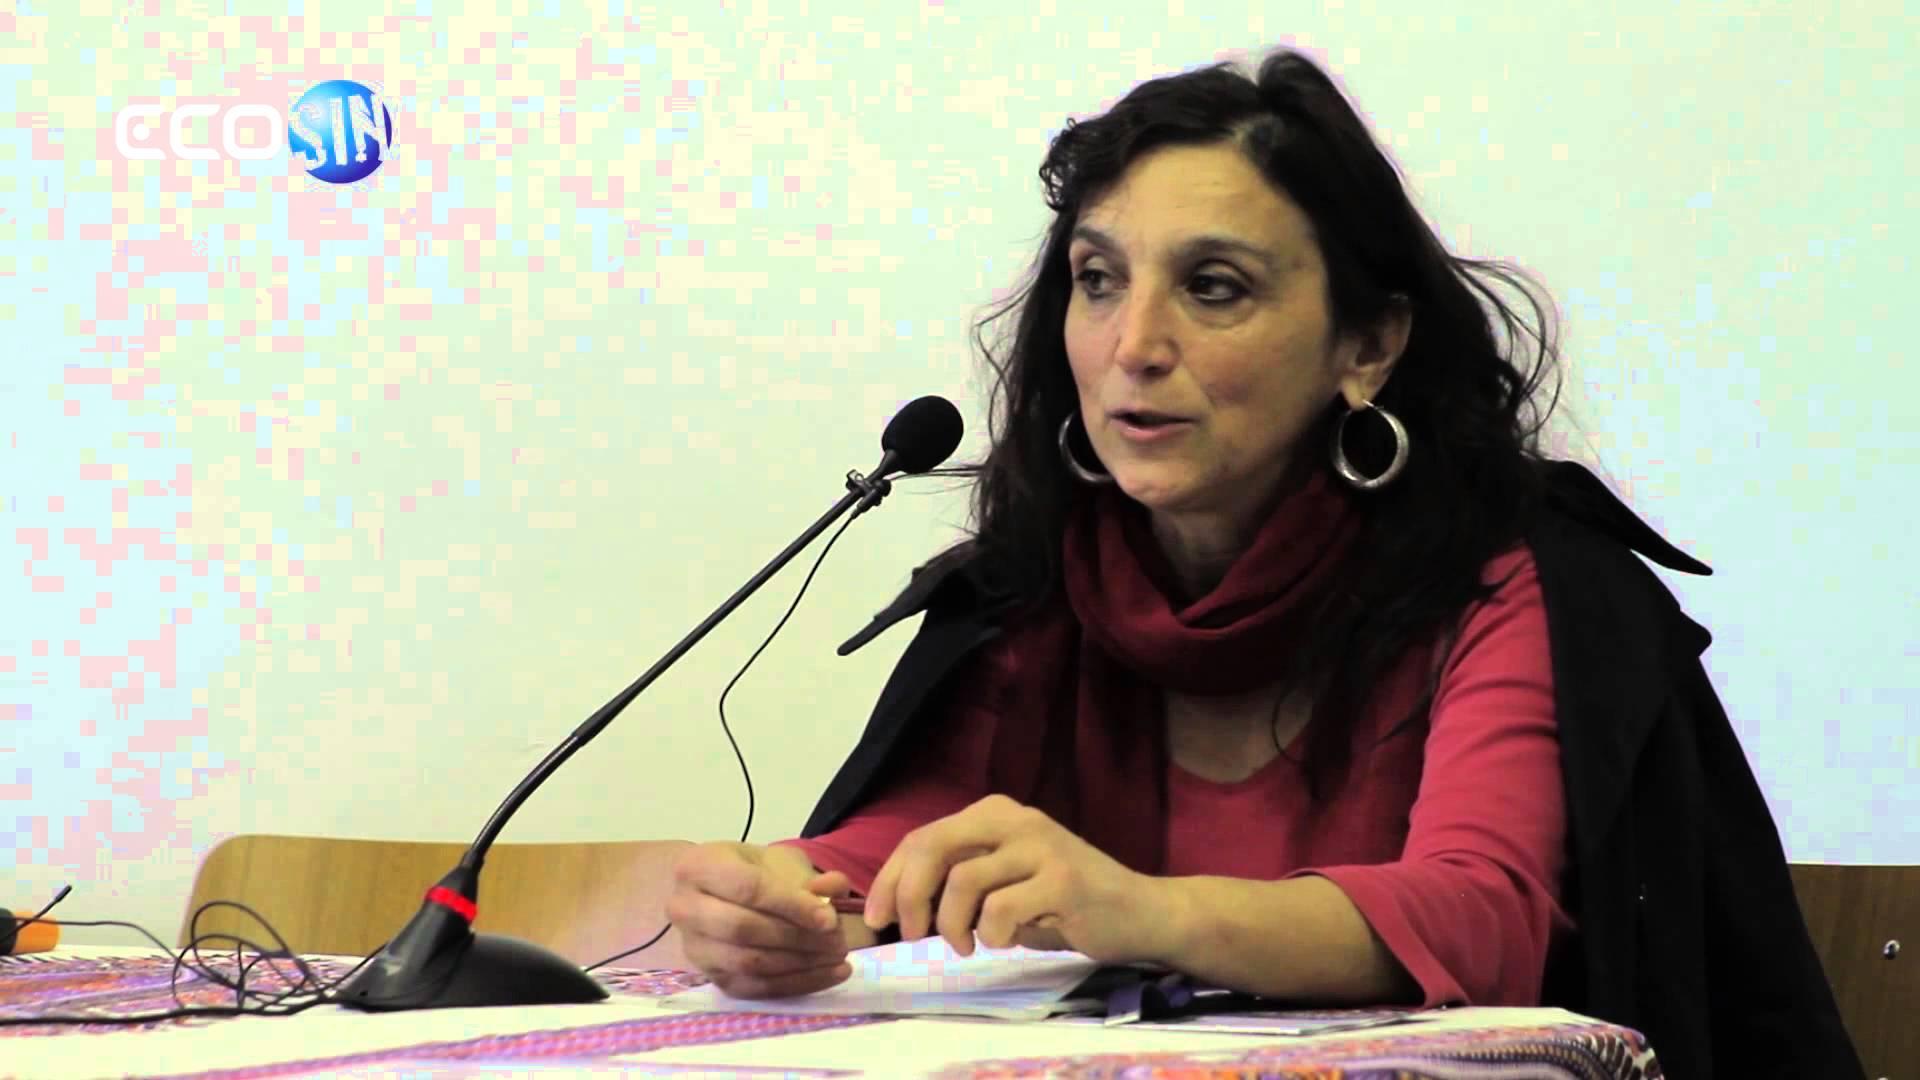 Contro la guerra: intervista a Marinella Correggia